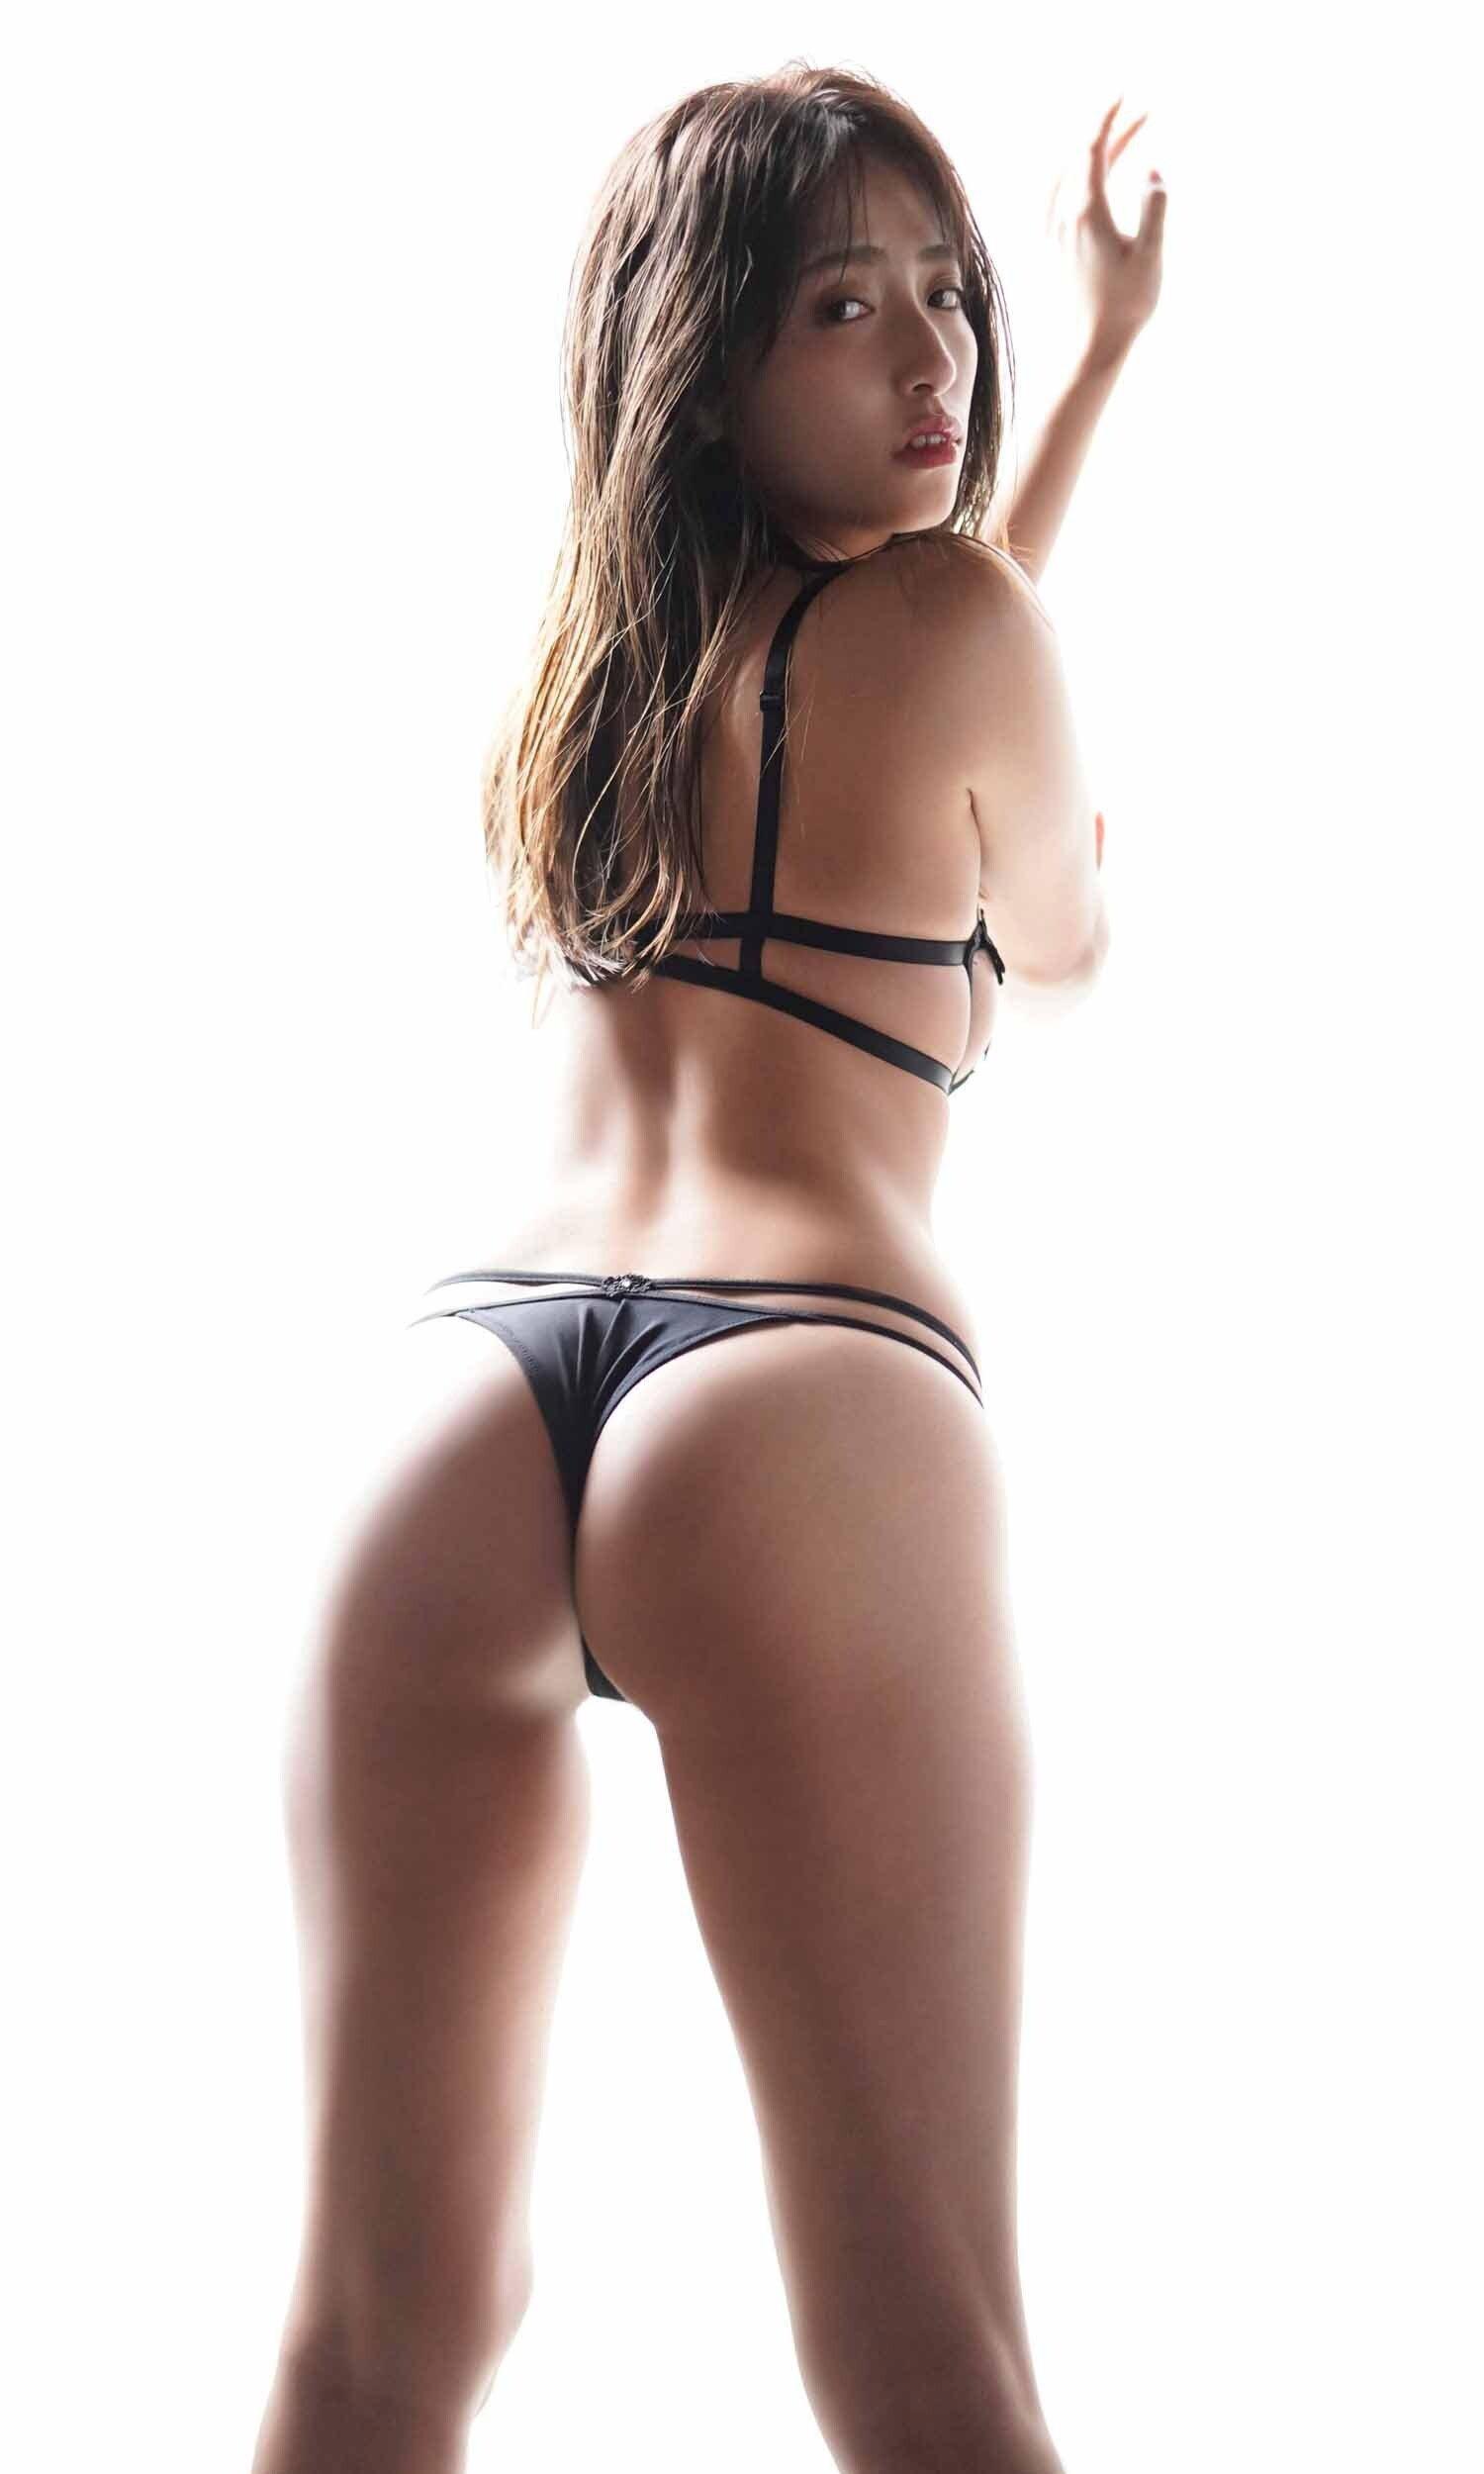 グラビアアイドル写真集 セクシーさが加速して興奮度も最高潮の高梨瑞樹グラドル画像まとめ5 100枚